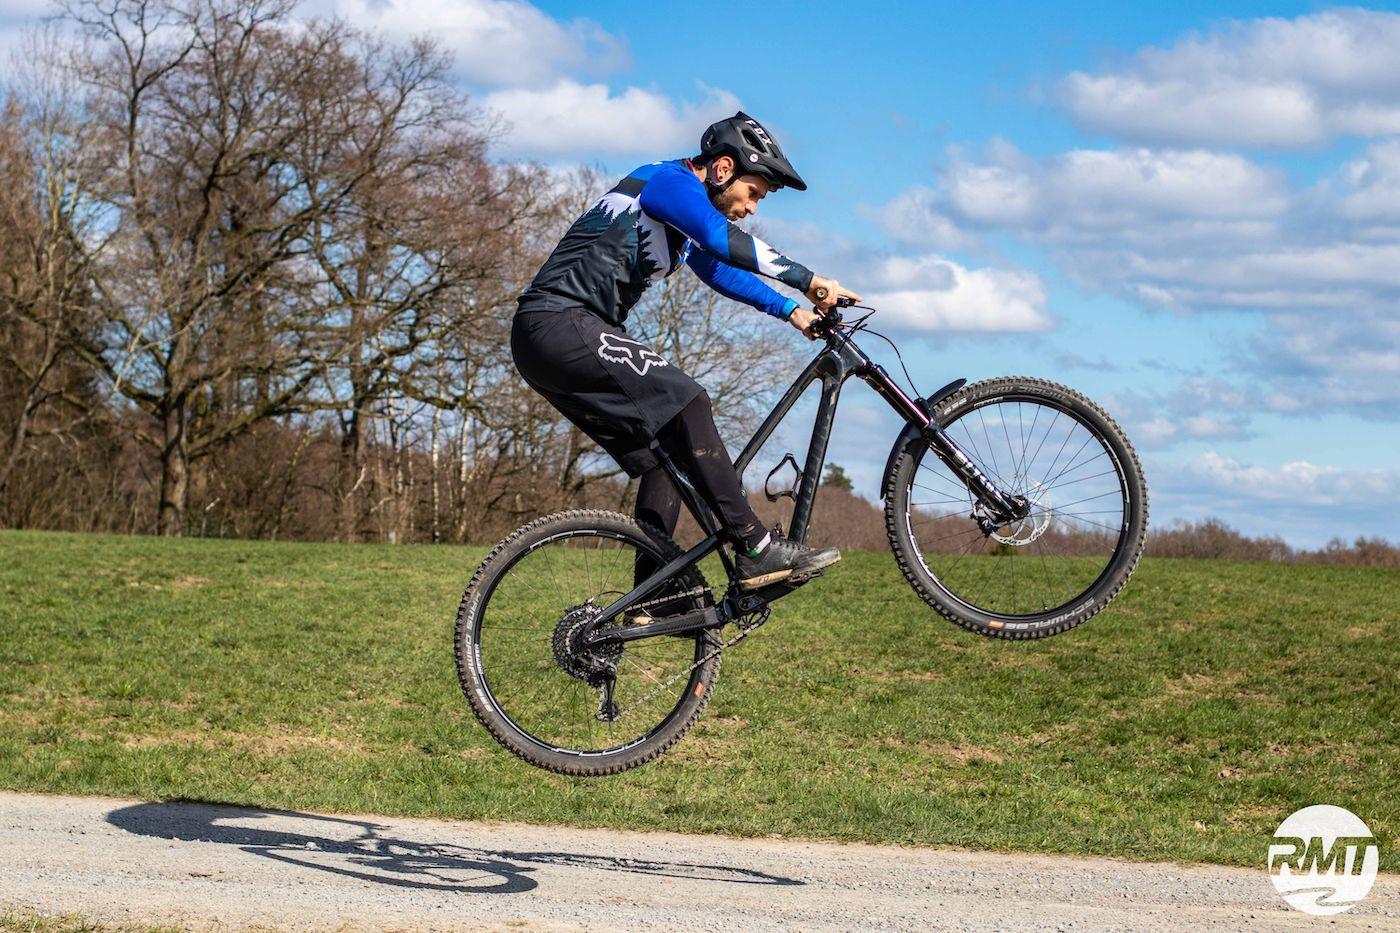 MTB Fahrtechnik Kurs Fortgeschrittene in Moers - Mountainbike Fortgeschritten - Rock my Trail Bikeschule - 12